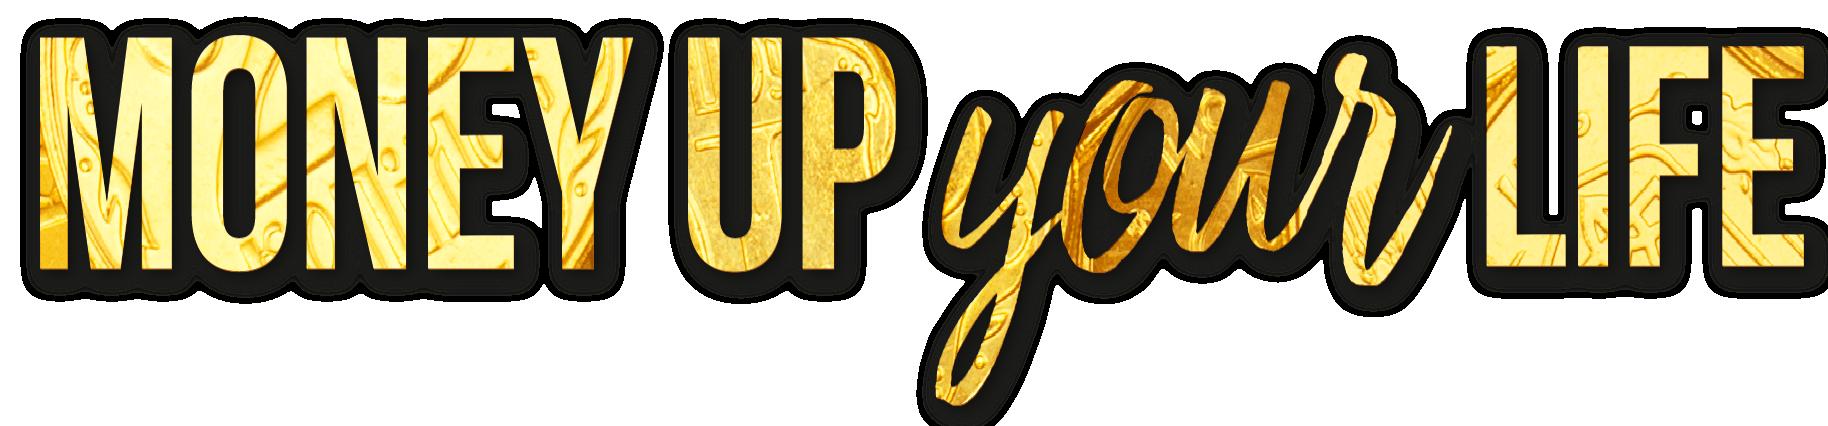 Money-up-your-Life-Schriftzug